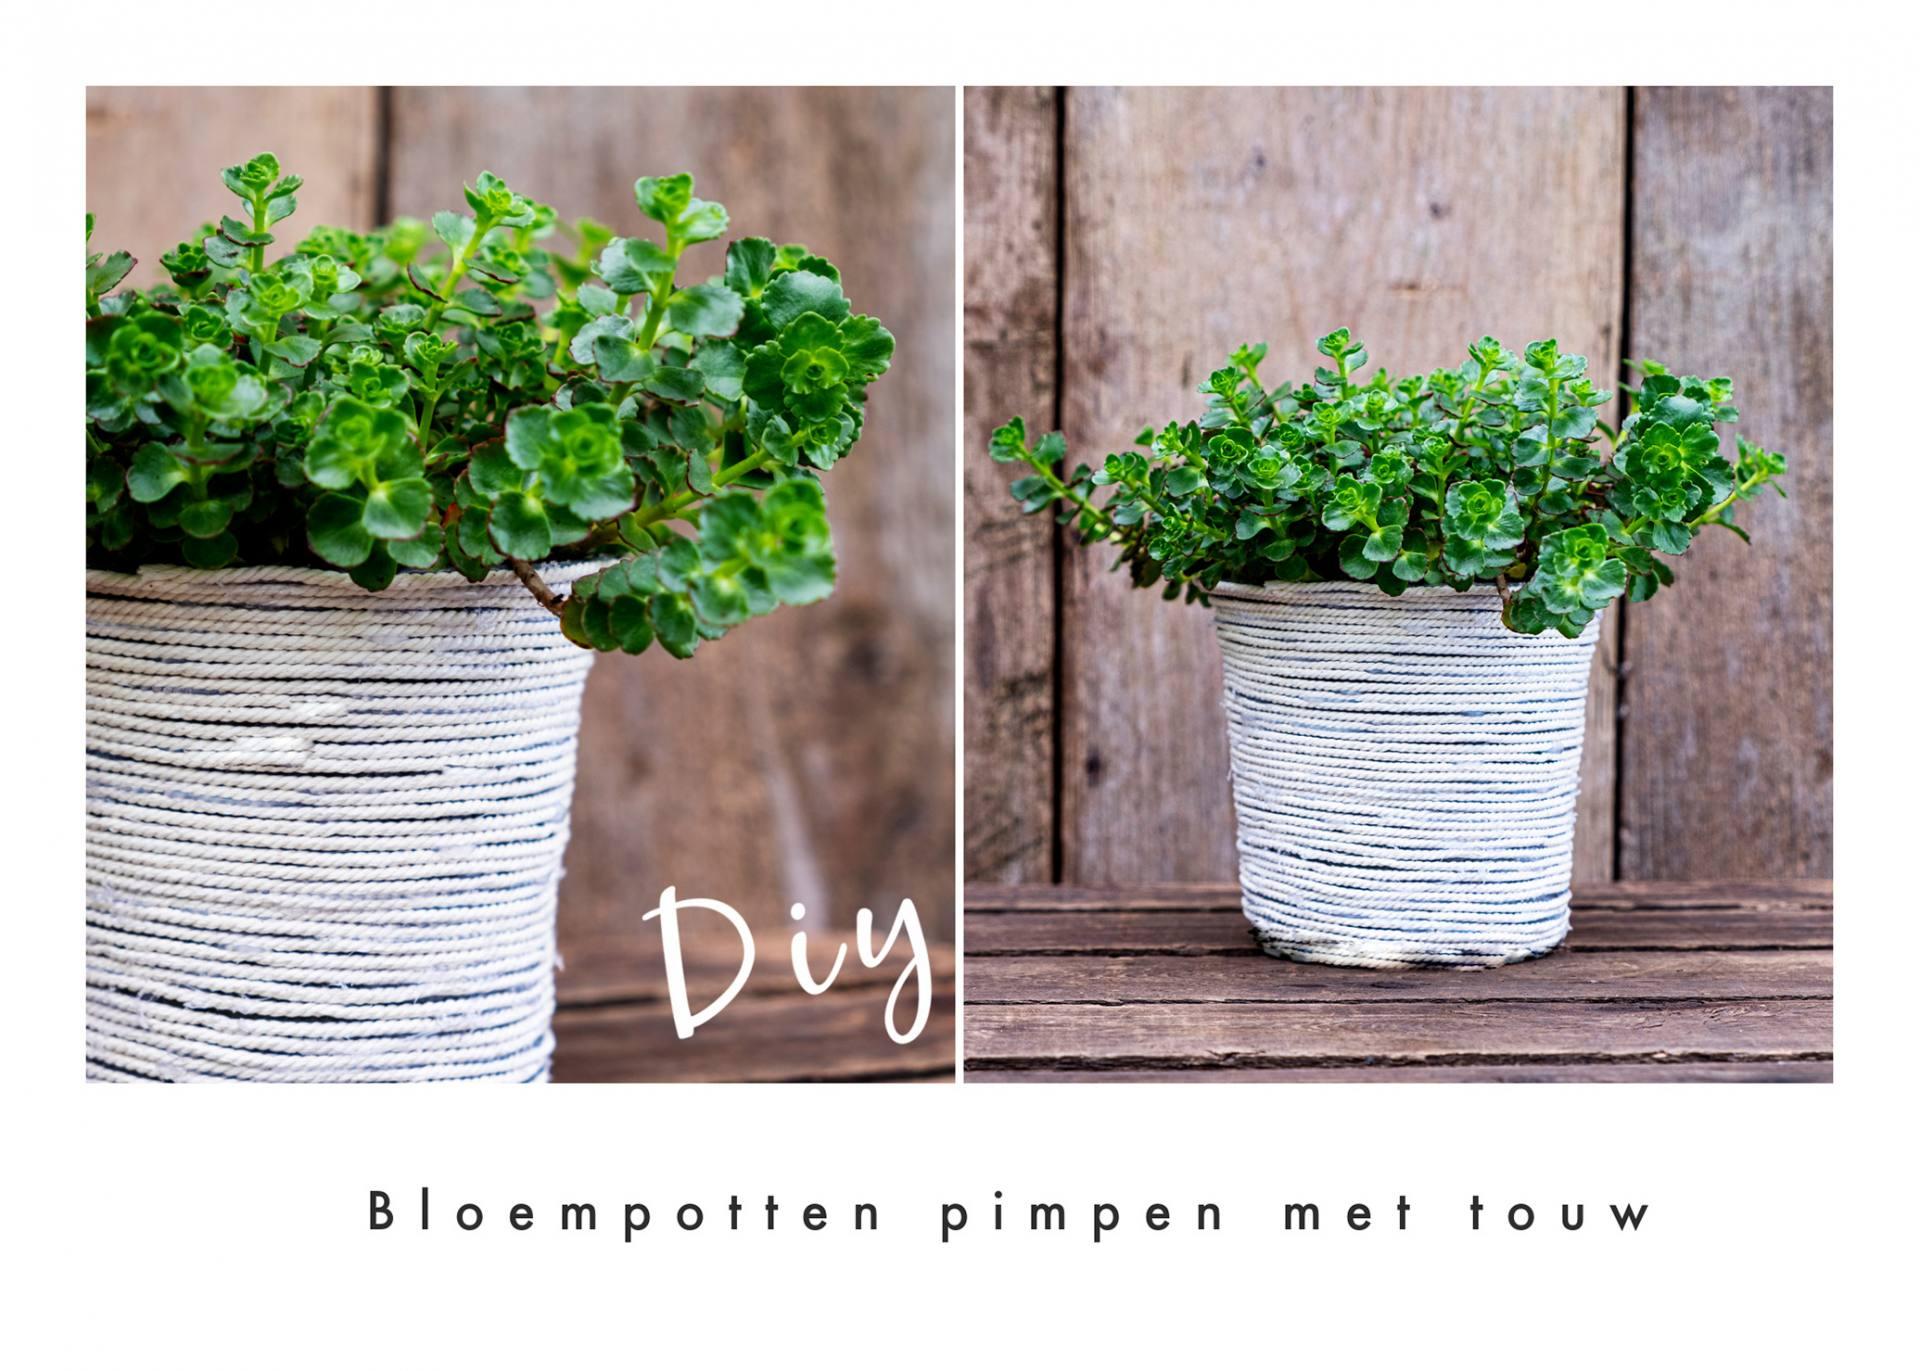 Bloempotten pimpen met touw; Diy recycling